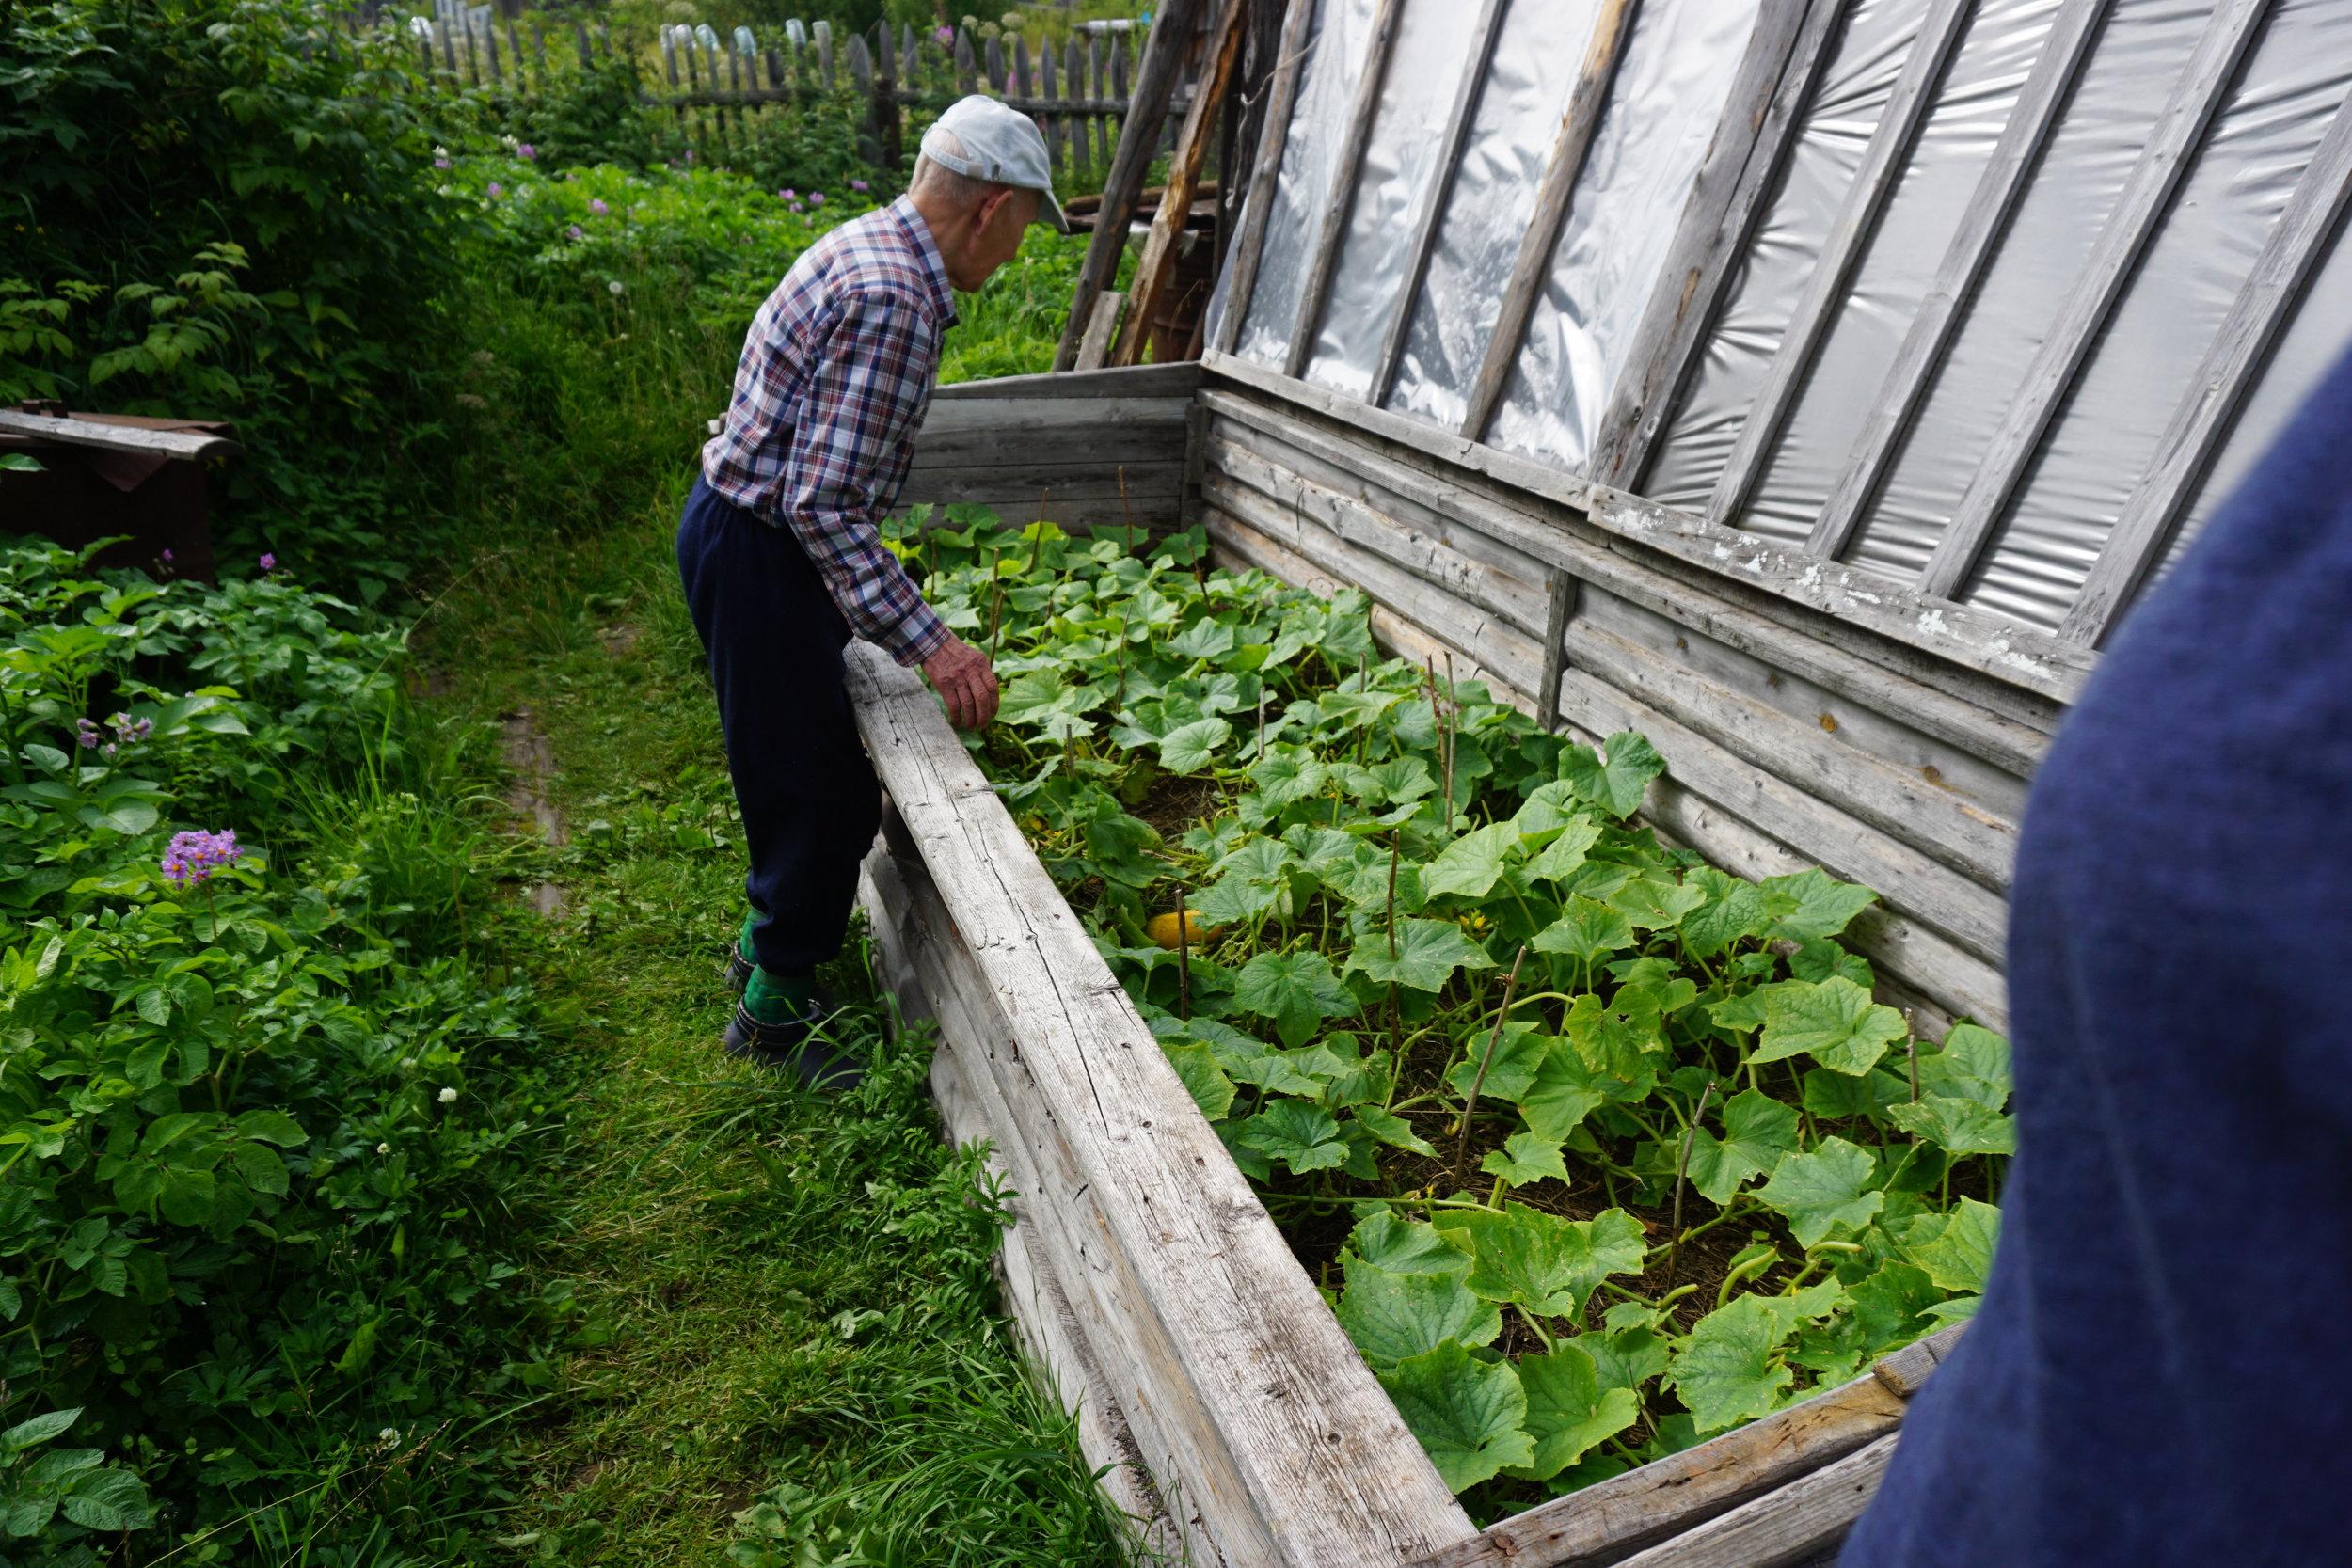 Den gamle mannen dyrket de samme asieagurken han hadde dyrket hele livet. Frøene hentet han fra agurker som fikk modne helt og bli gule før han hentet ut frøene, vasket de rene og la de til tørk. Selv driver han frem årlig nye frø og lagrer de tørt i romtemperatur. Men agurkfrø er like greie å fryse som alle andre frø.